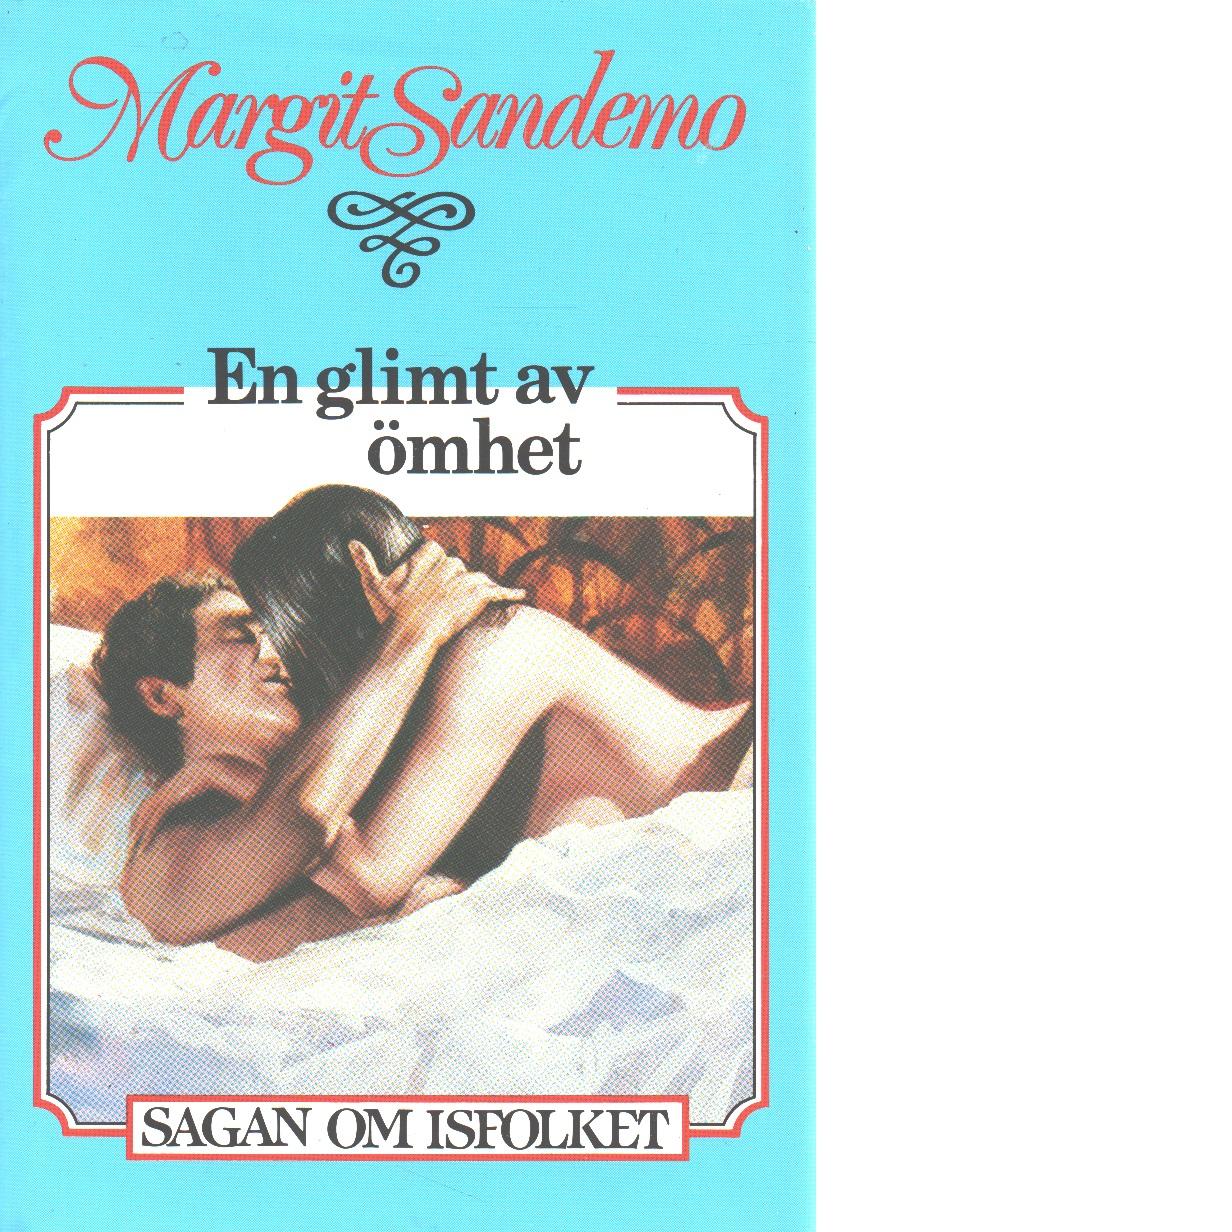 En glimt av ömhet : Sagan om Isfolket nr. 43 - Sandemo, Margit